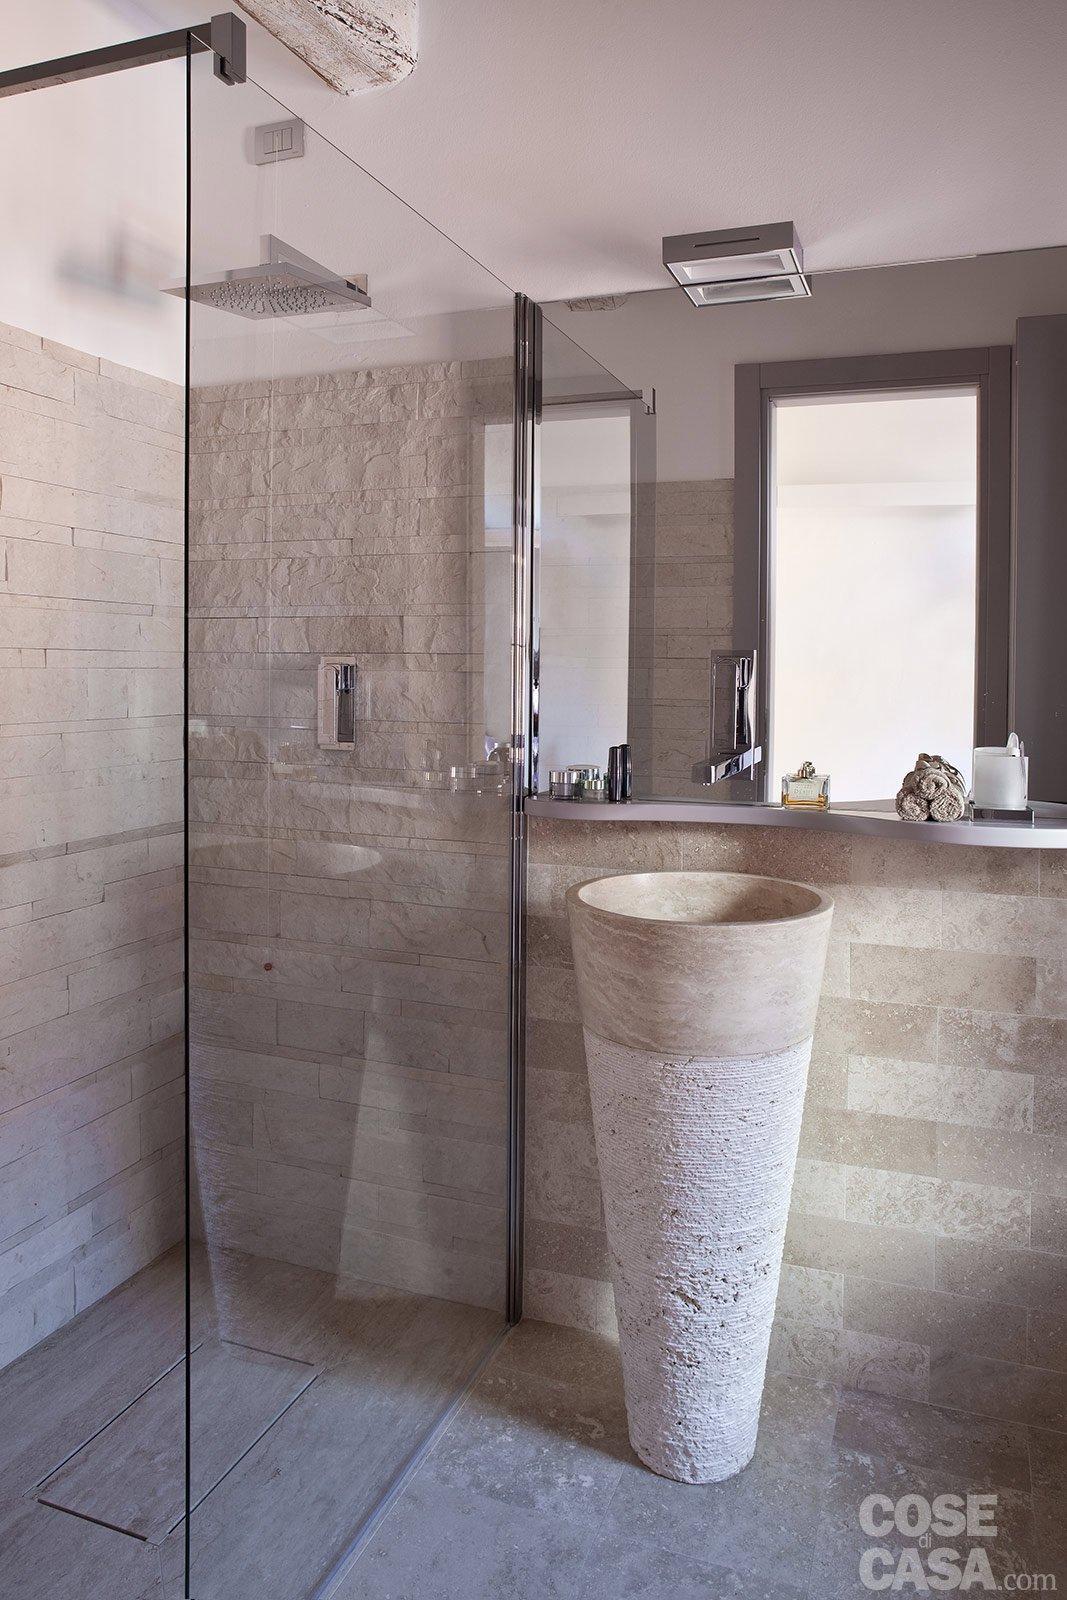 Casabook immobiliare una casa stretta e lunga che - Piatto doccia piccole dimensioni ...